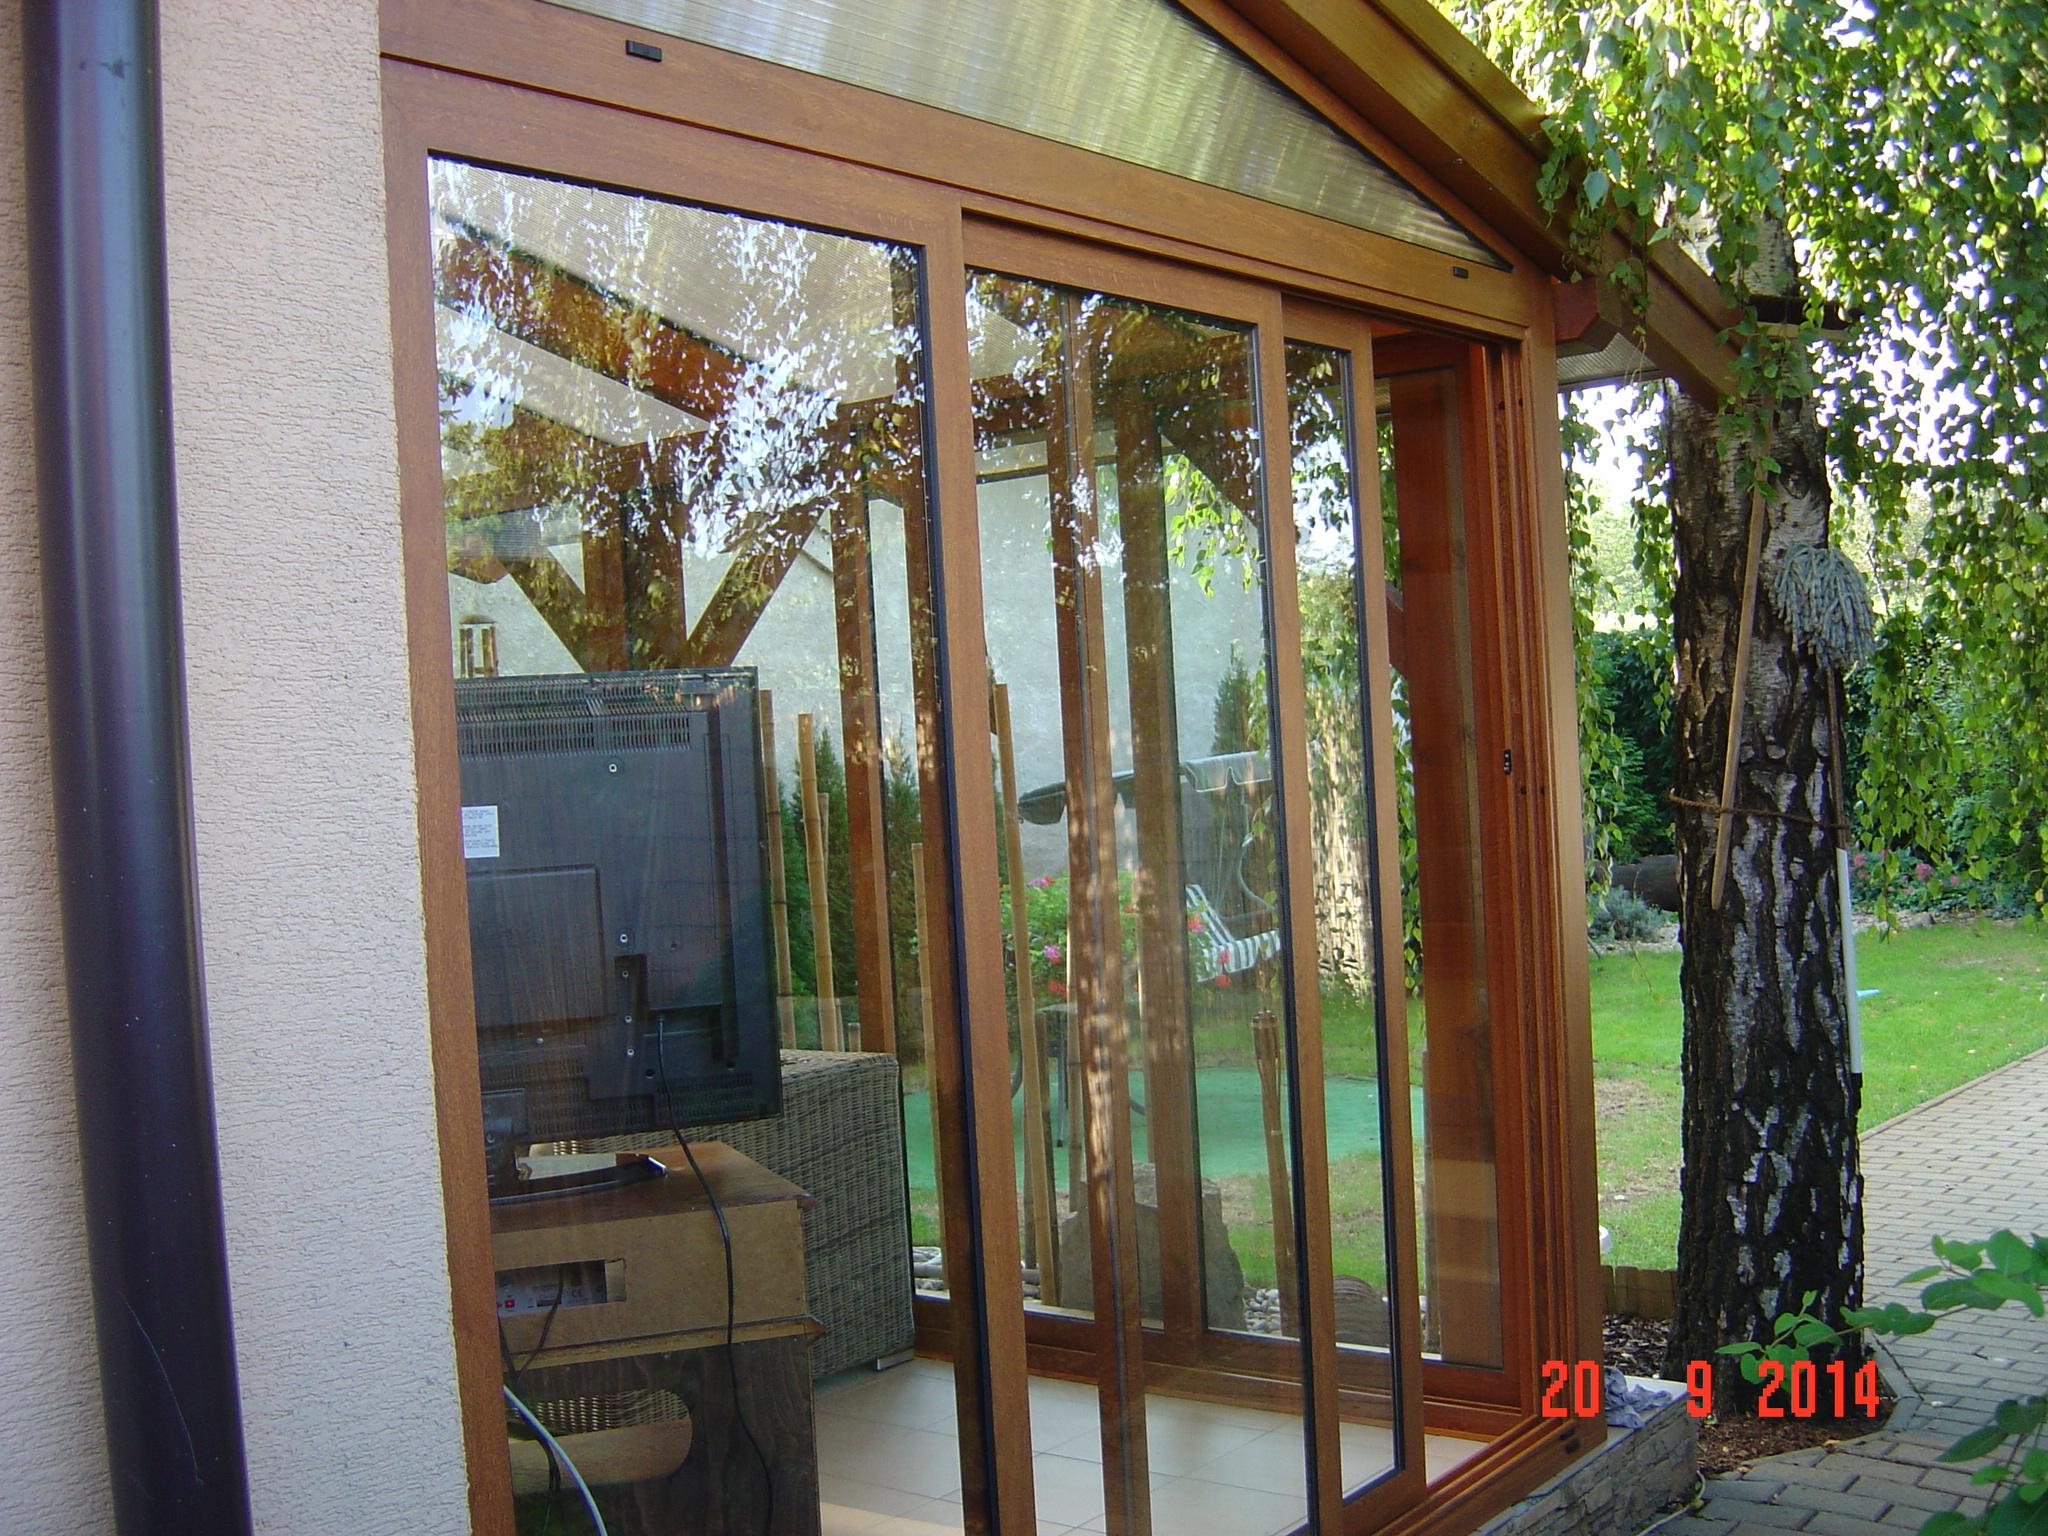 Umhüllung Und Verglasung Der Terrasse - Pifema S.r.o. Verglaste Terrasse Oder Veranda